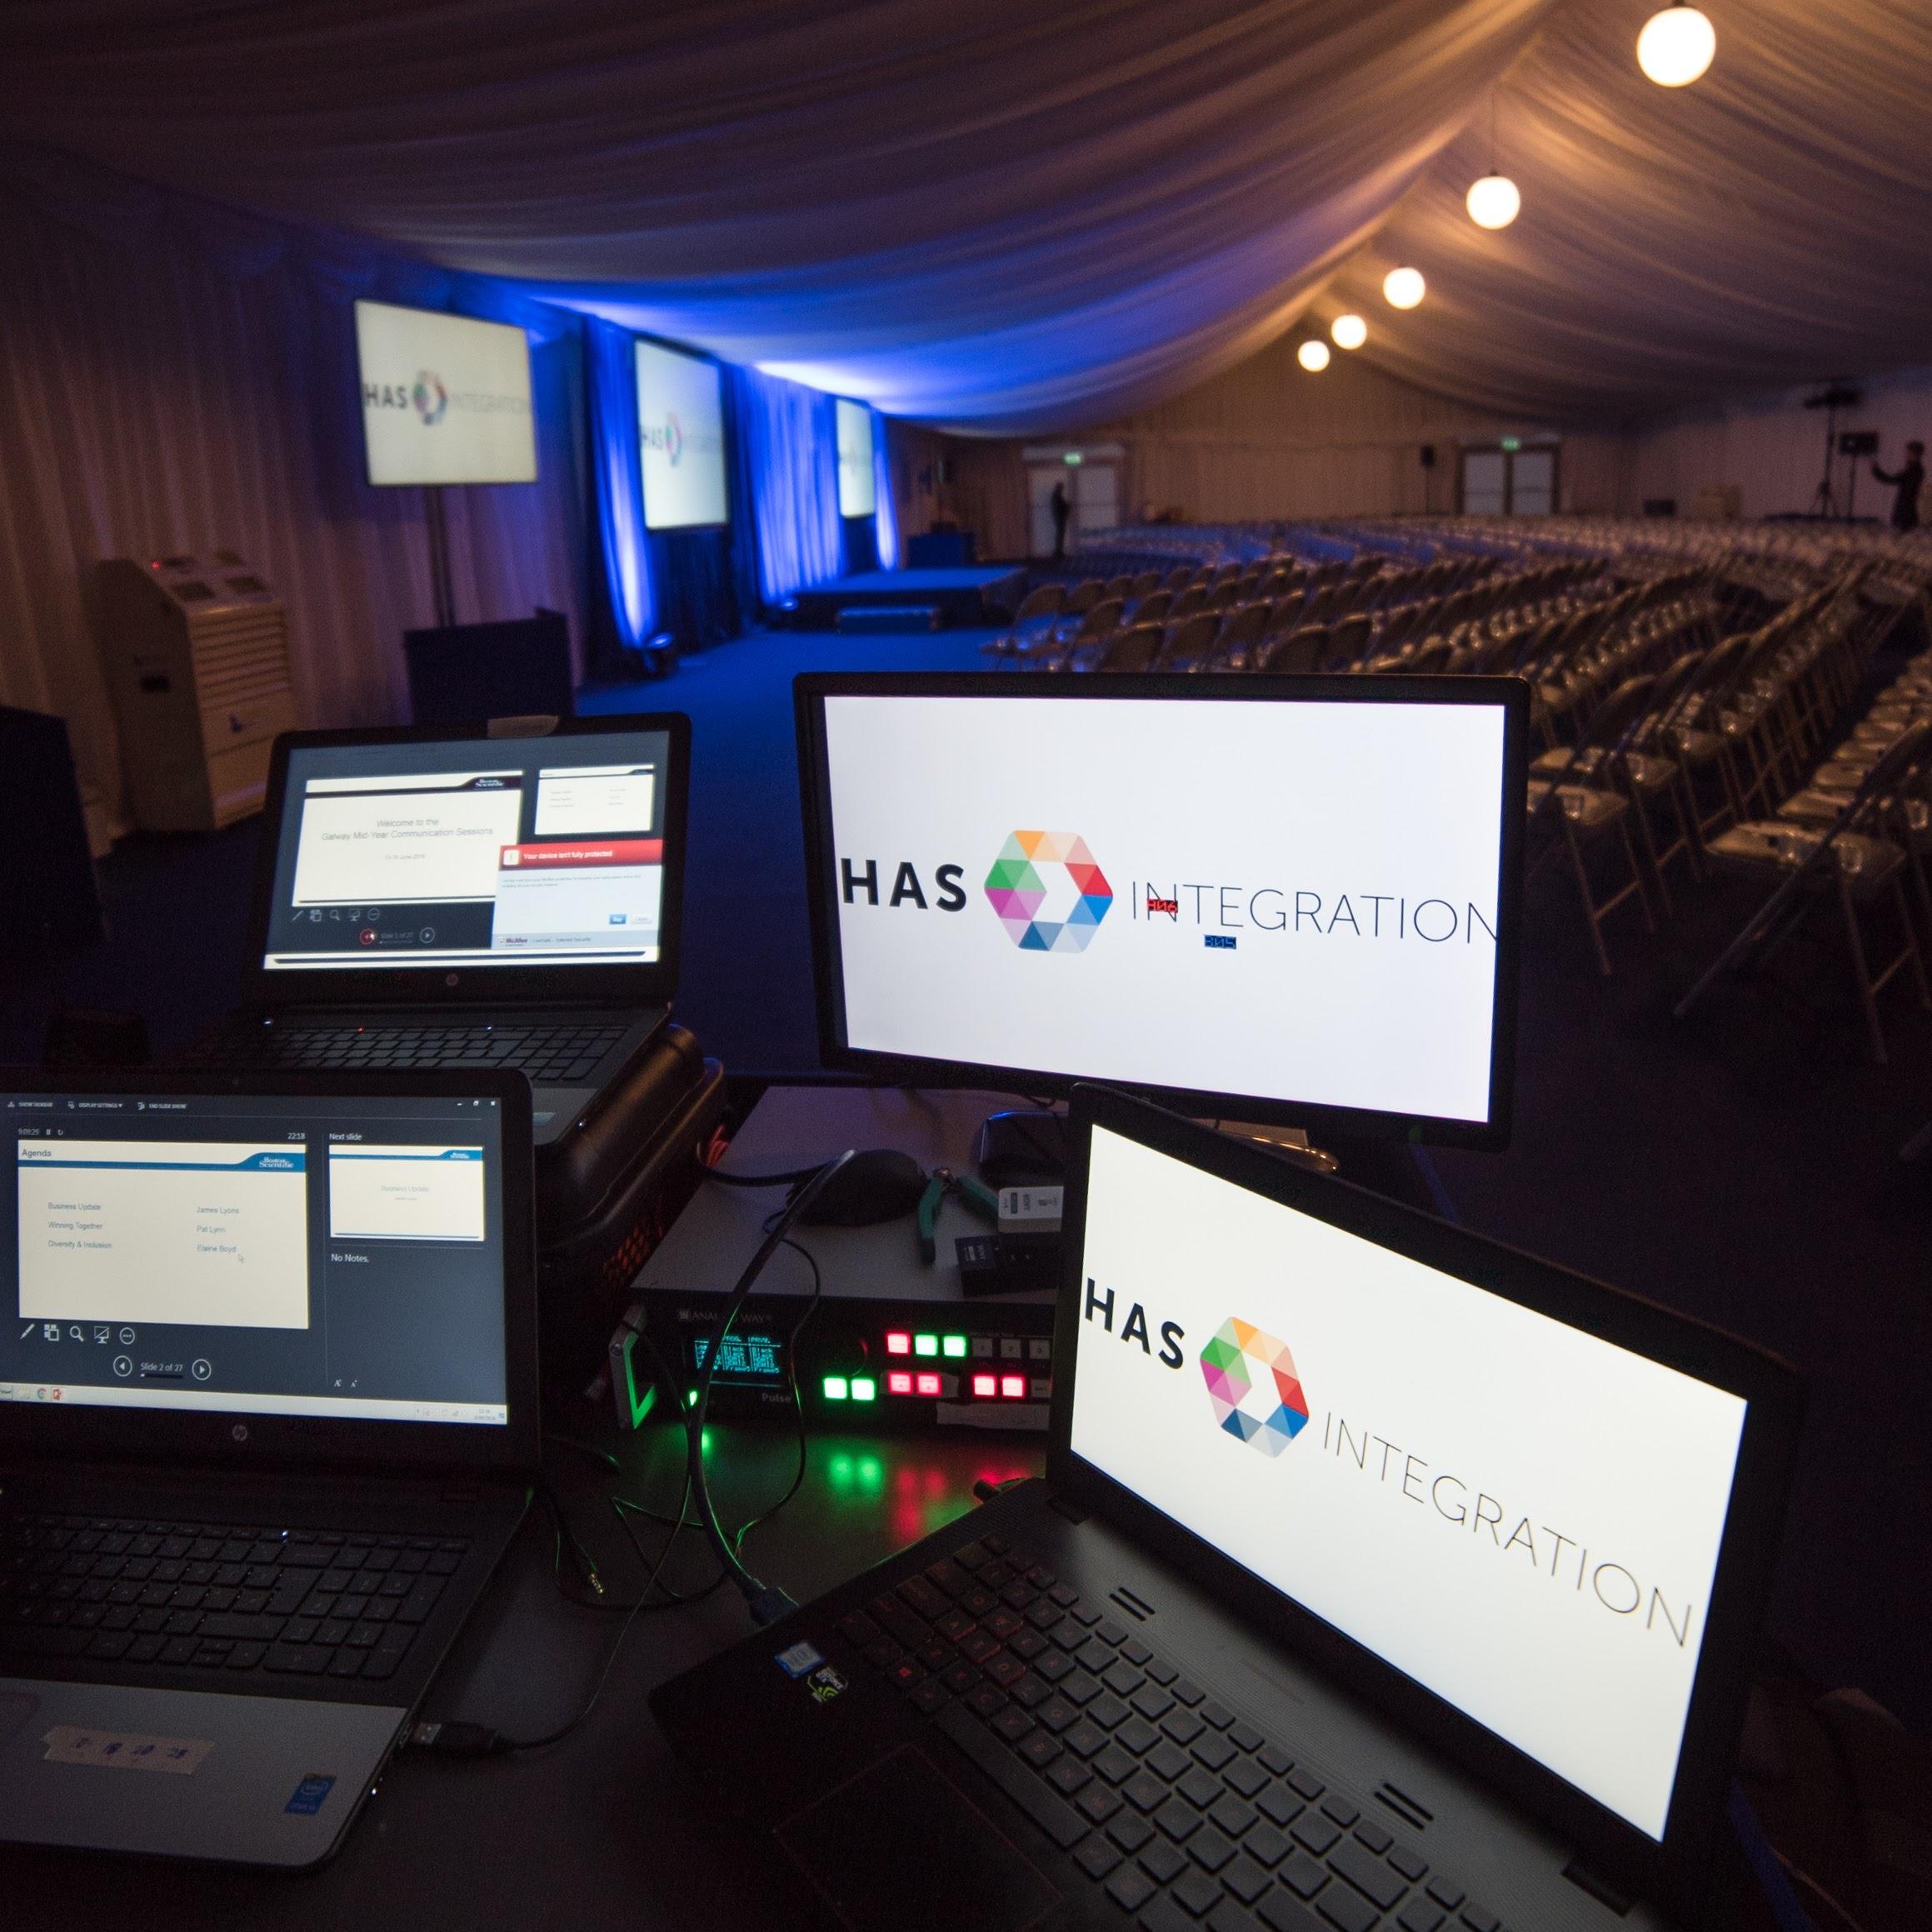 Live event rental operation desk